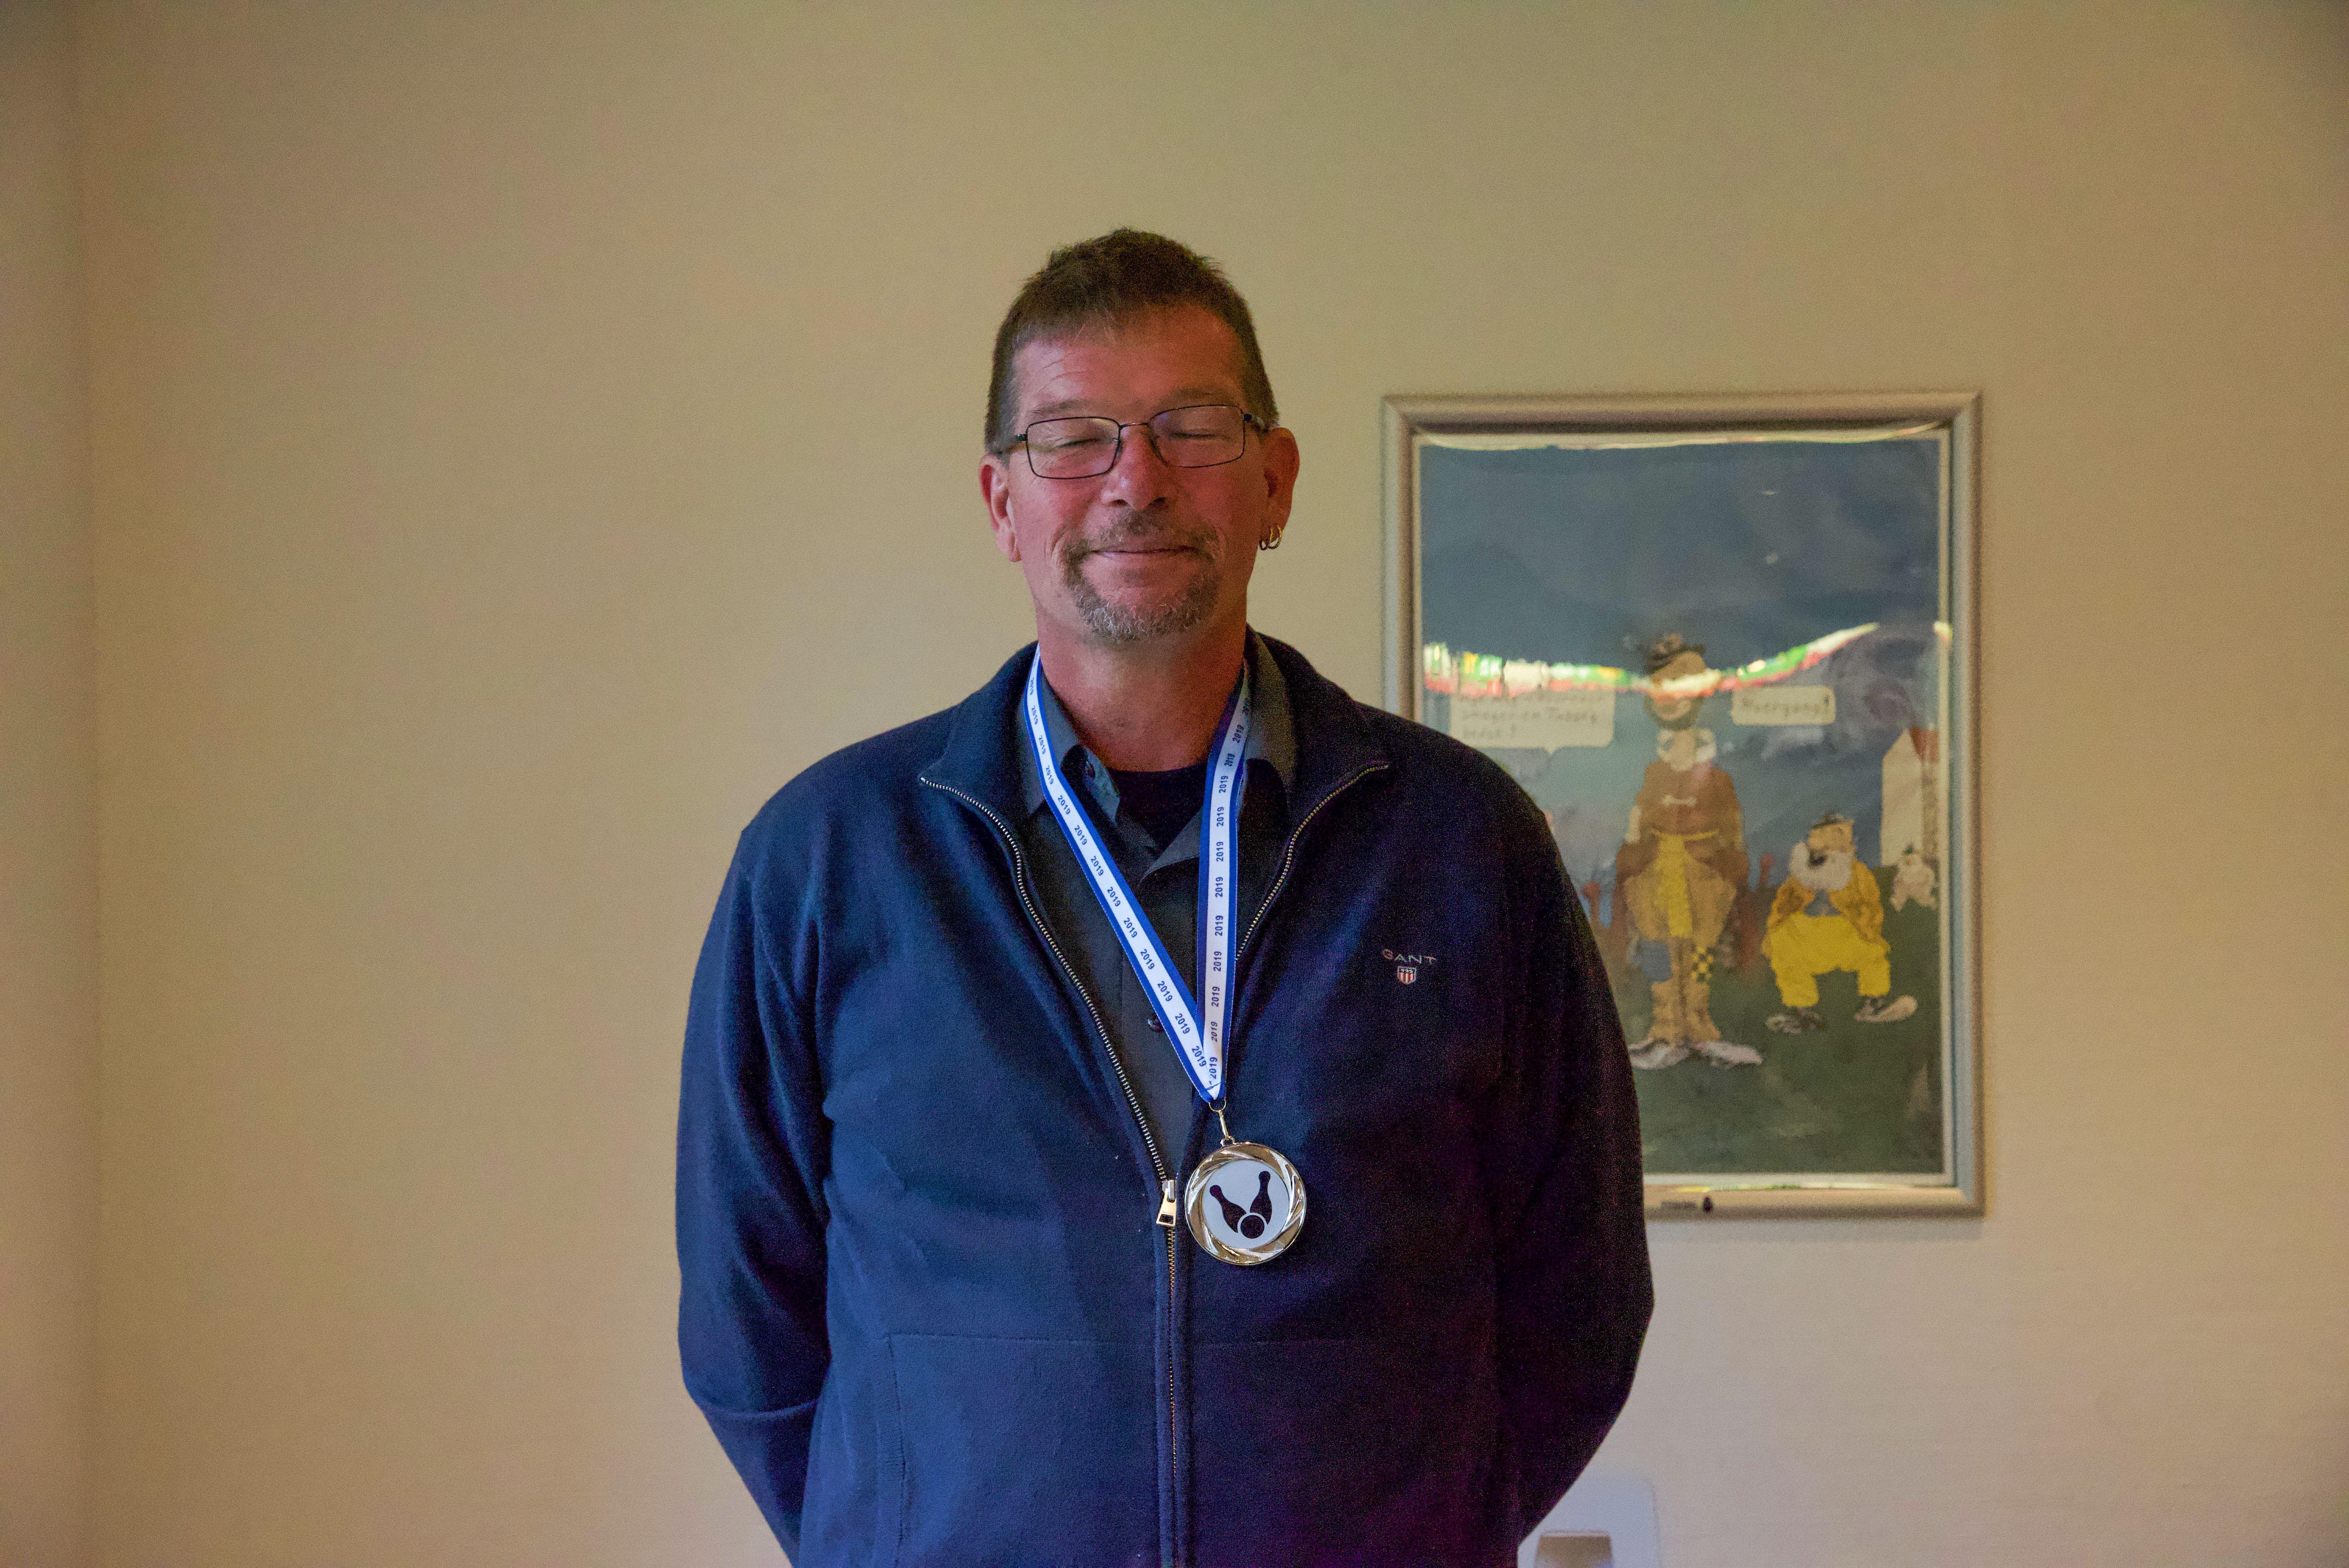 Klubmesterskab. Herrer Række Elite. Guld til Per L. Sørensen, sølv til Allan Kaurin, bronze til  Henning Schmidt